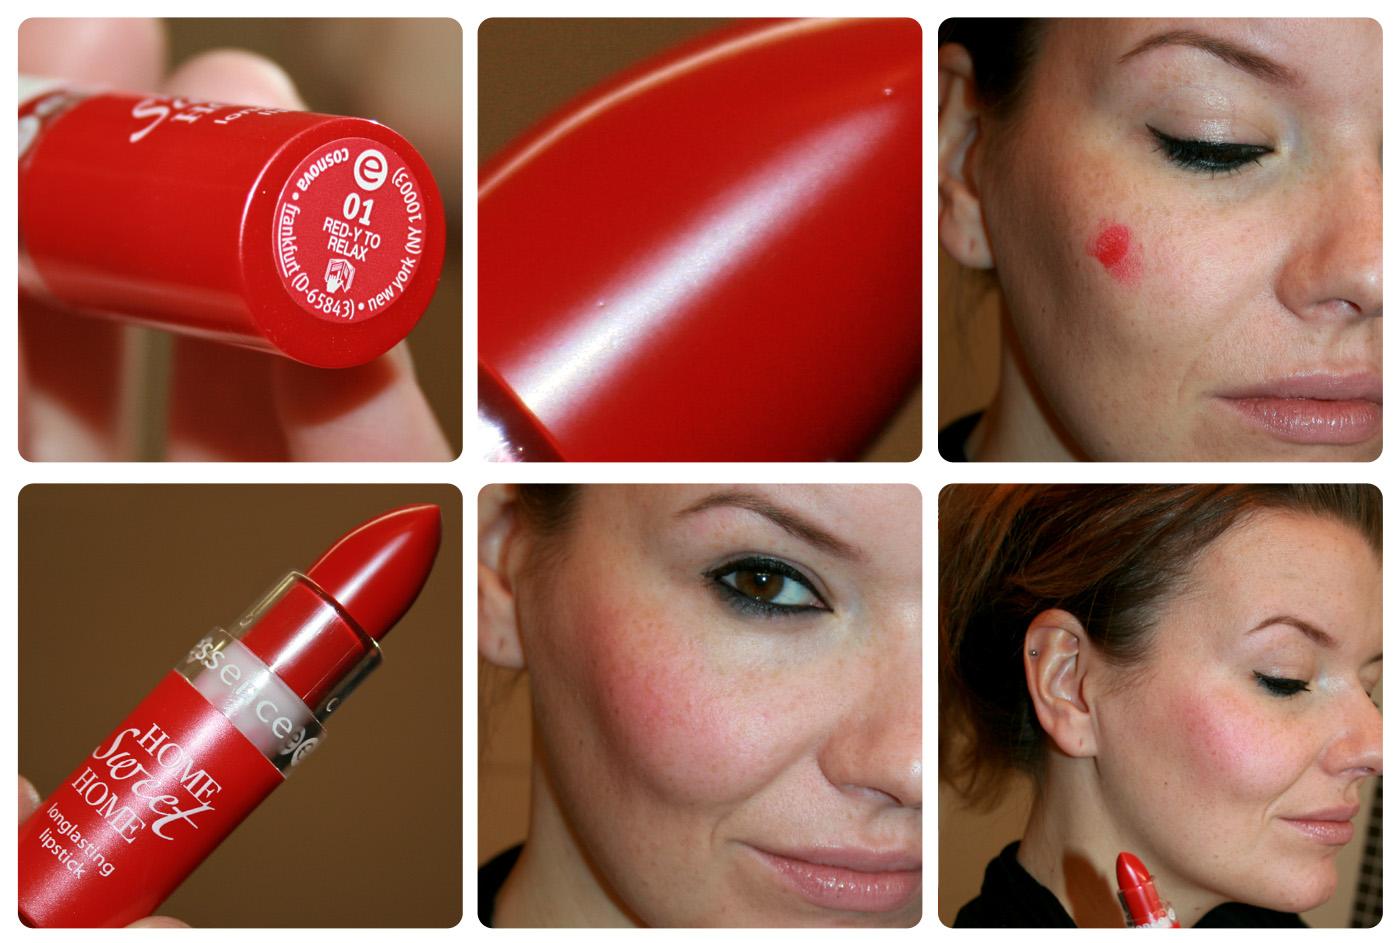 """Der longlasting Lipstick aus der """"home sweet home""""-Edition von essence (Oktober/November 2012) im knalligen Rot"""